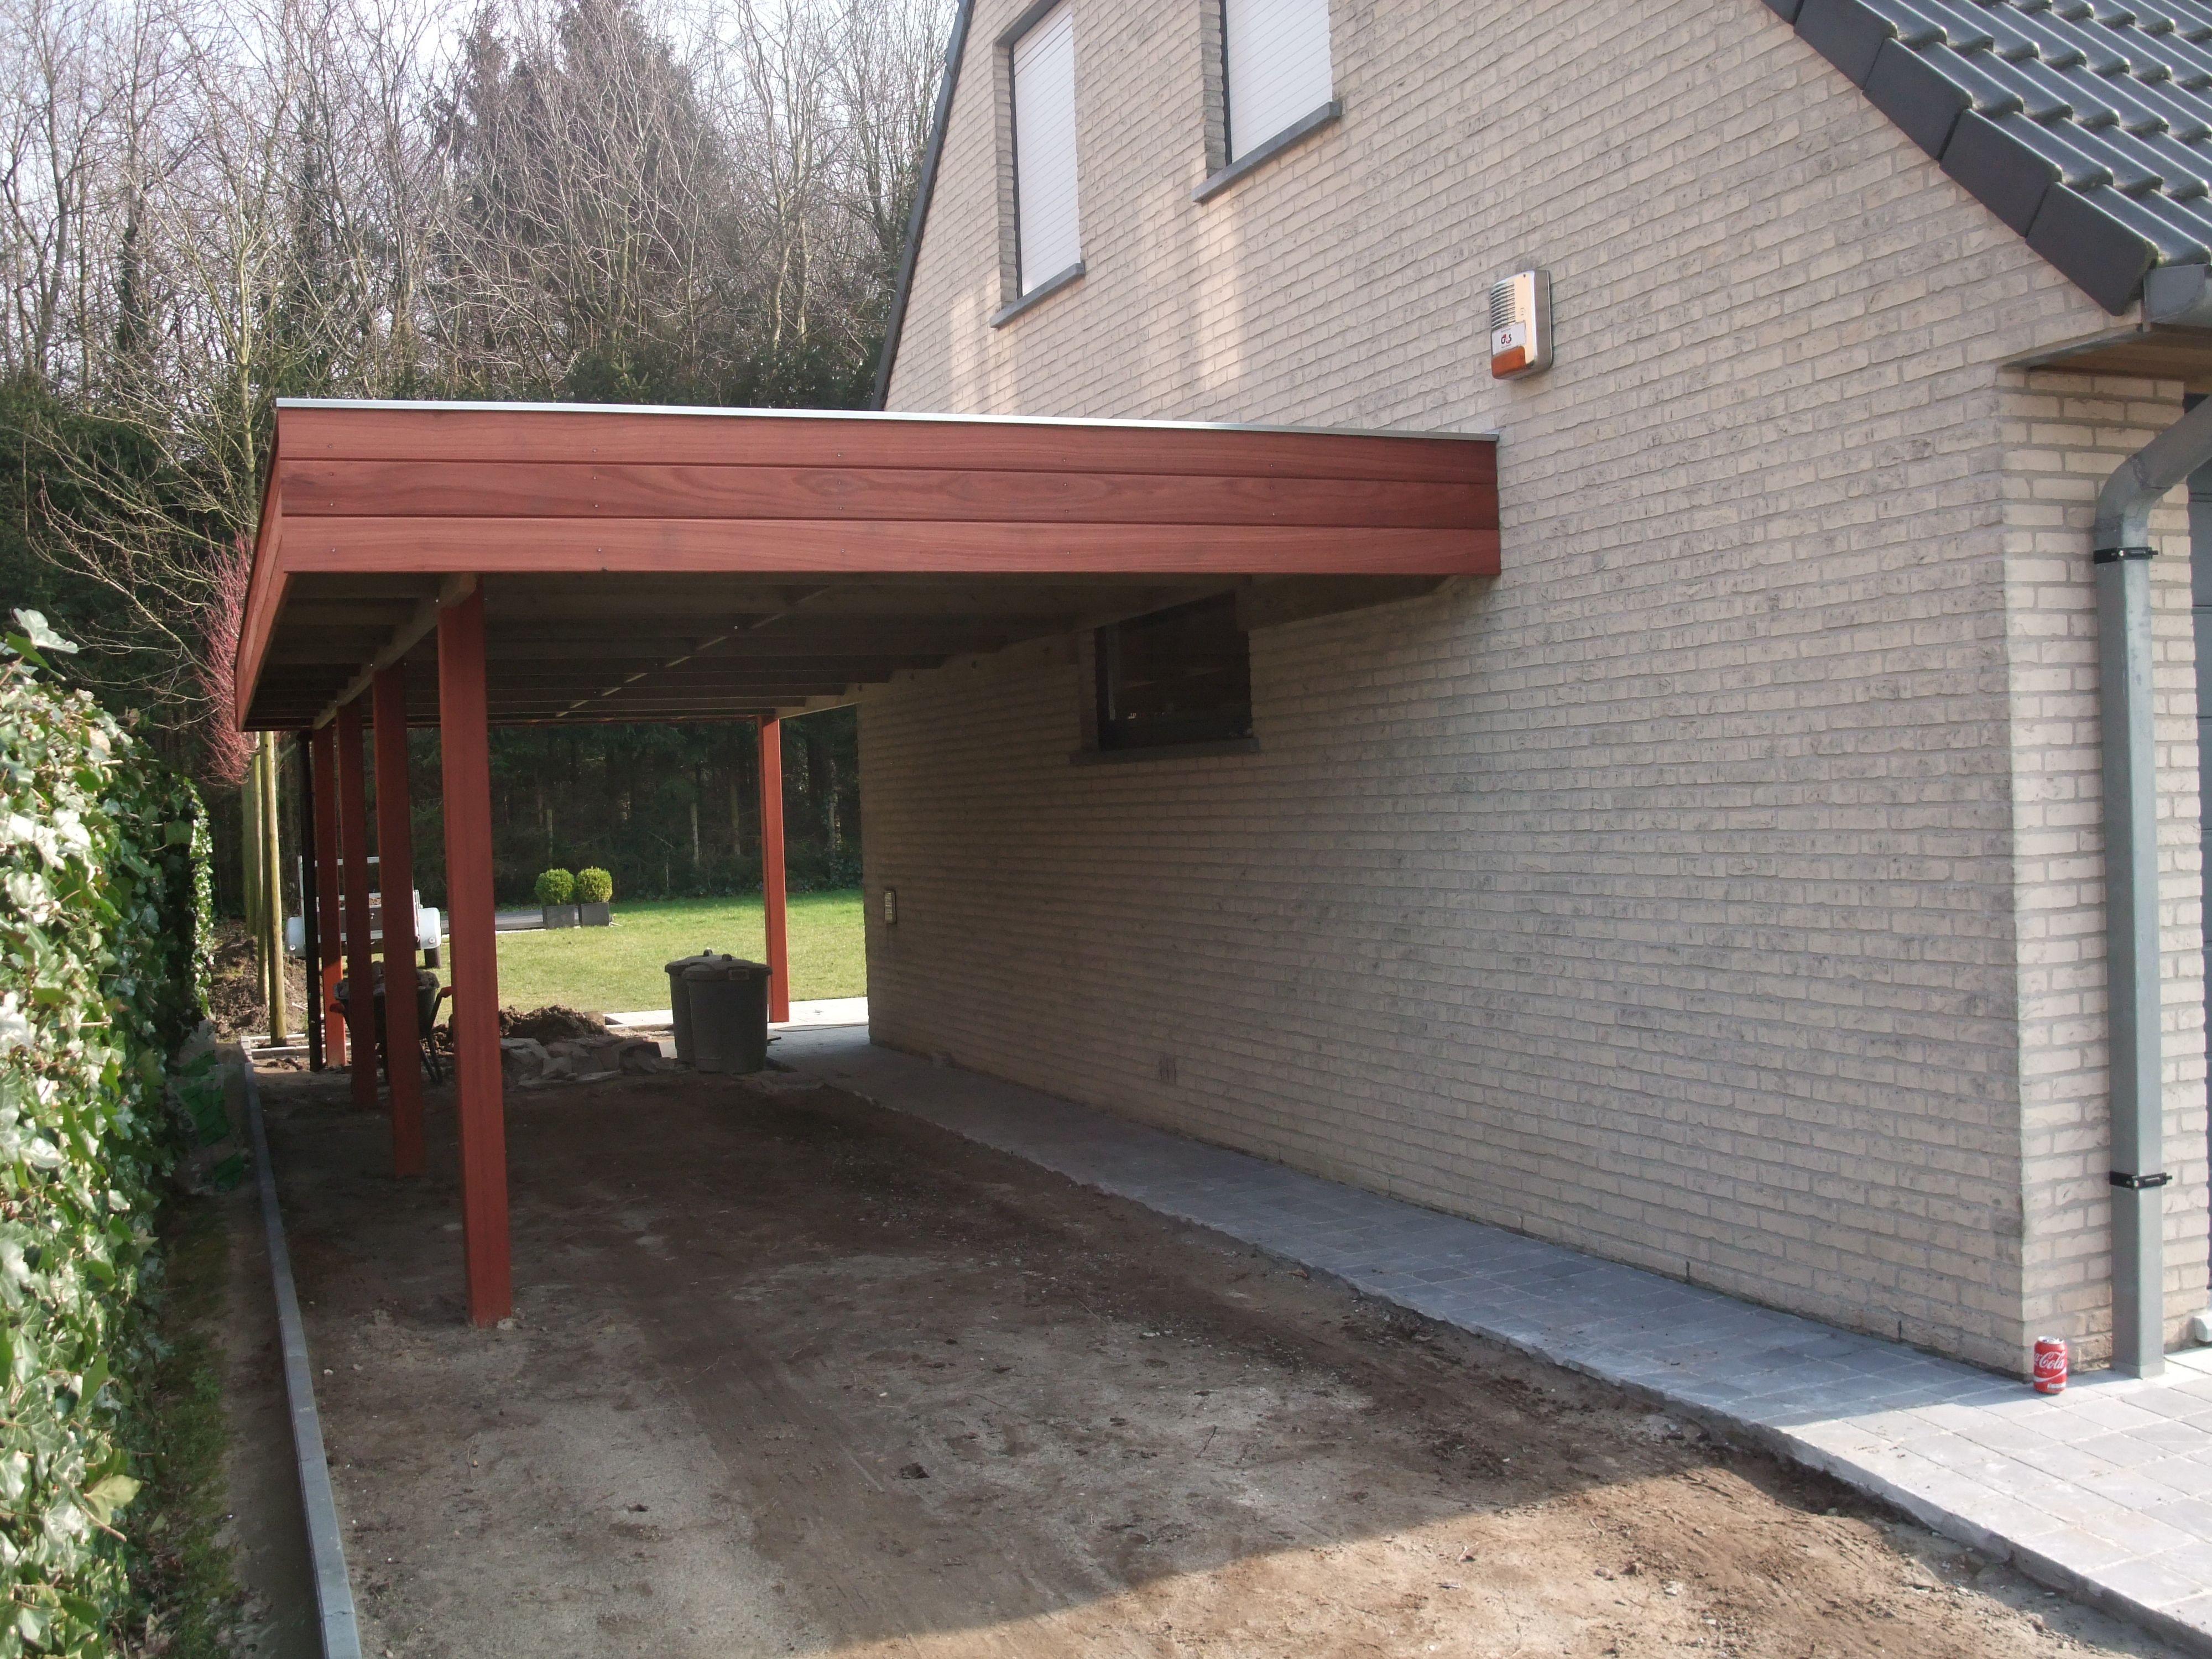 Carport aanbouw carport padouk carport moderne uitvoering tuinhuisjes vermeire